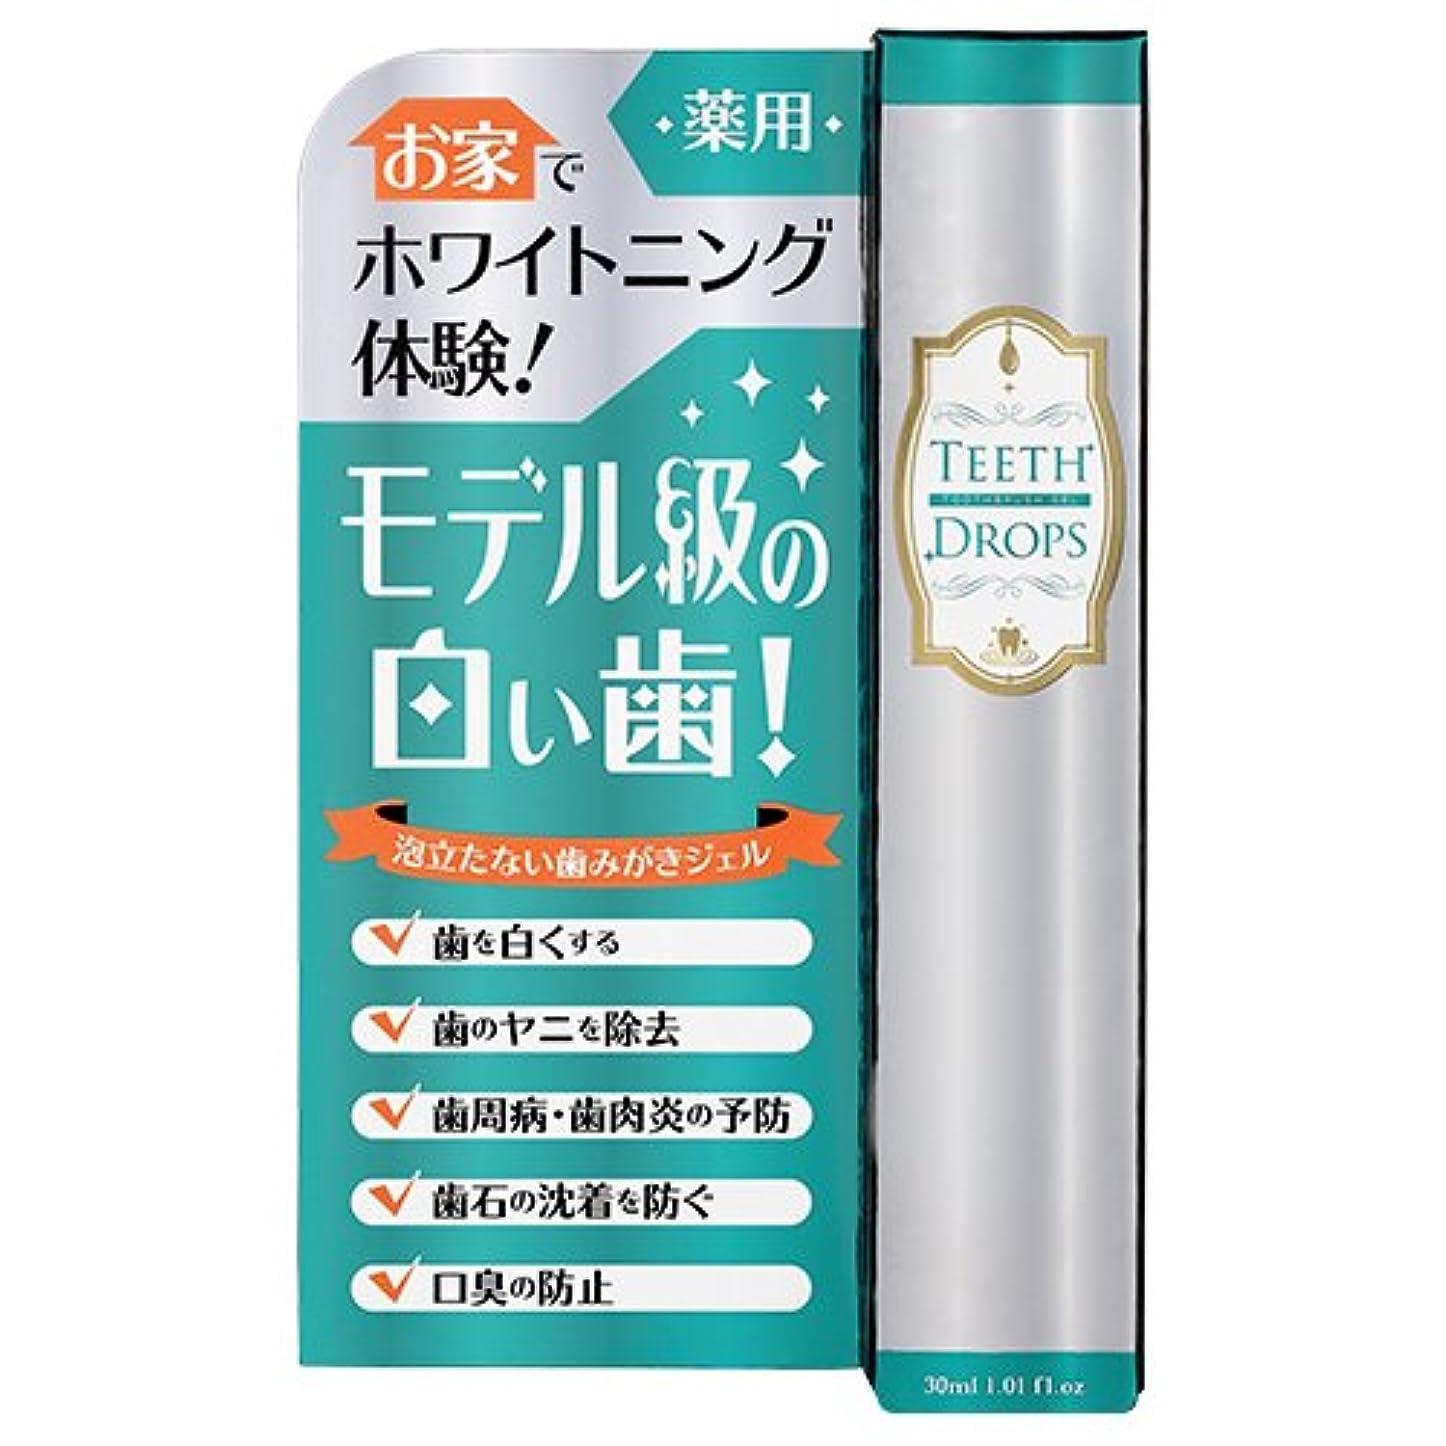 汚染されたアーサー柔らかい足ティースドロップ(薬用歯磨き)